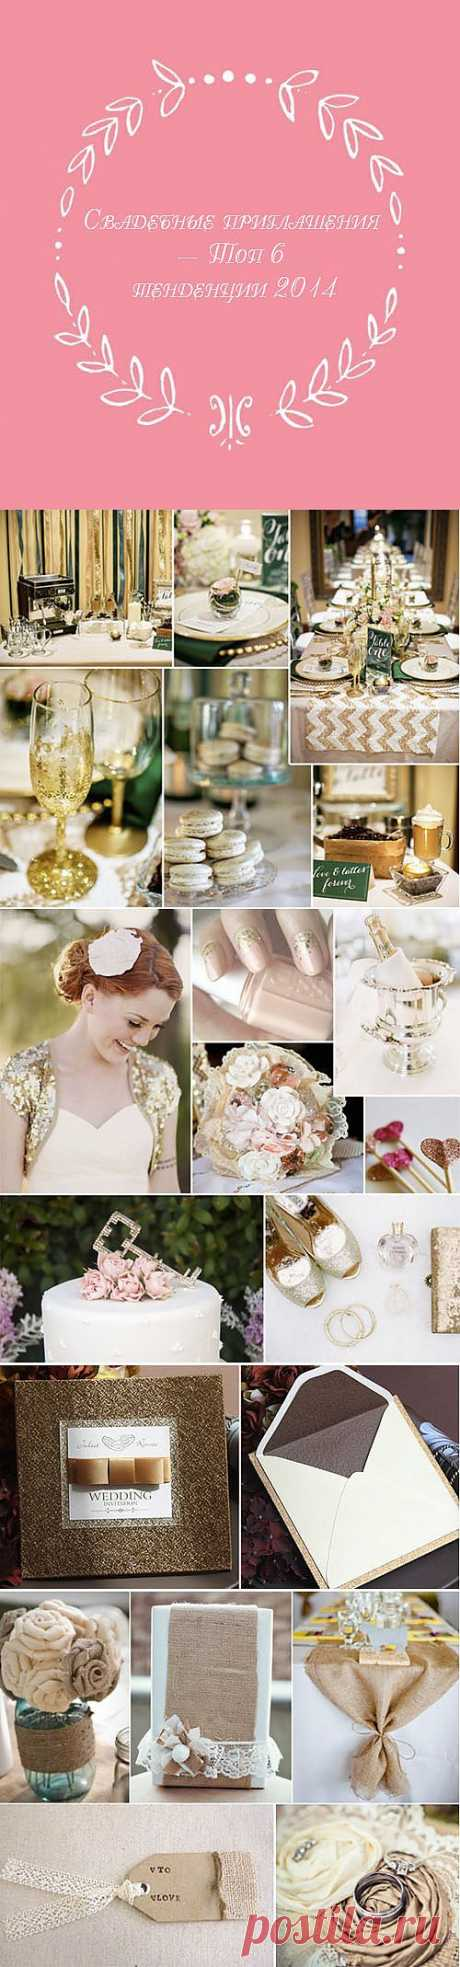 Обзор тенденции в свадебных приглашениях  на следующий год! Девочки, кто не определился со стилем, вам сюда!)